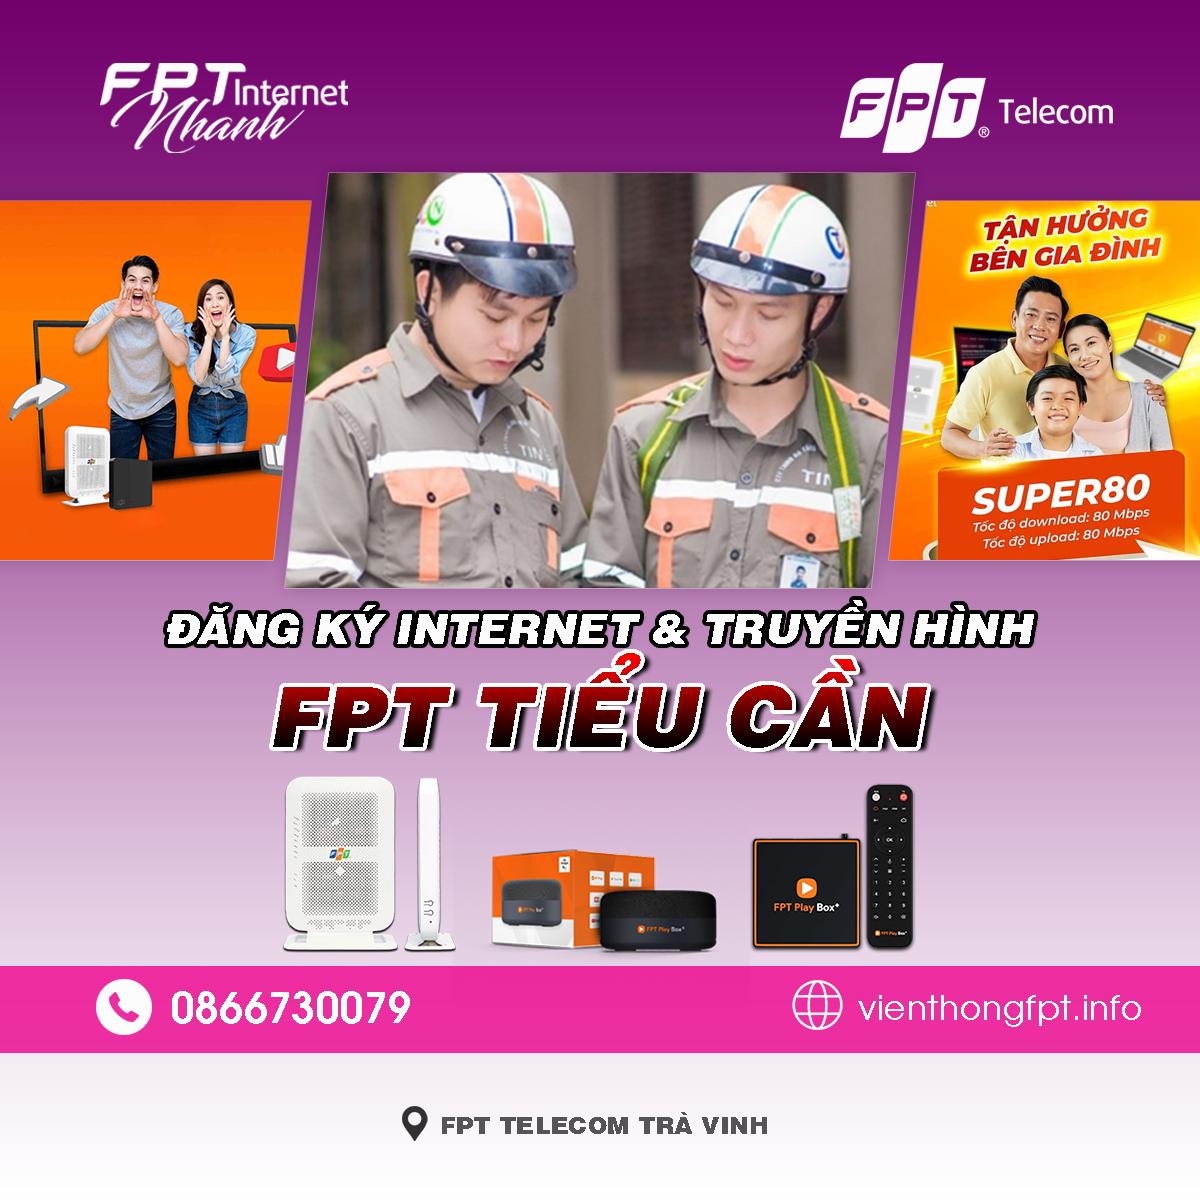 Tổng đài FPT Tiểu Cần - Đơn vị lắp mạng Internet và Truyền hình FPT